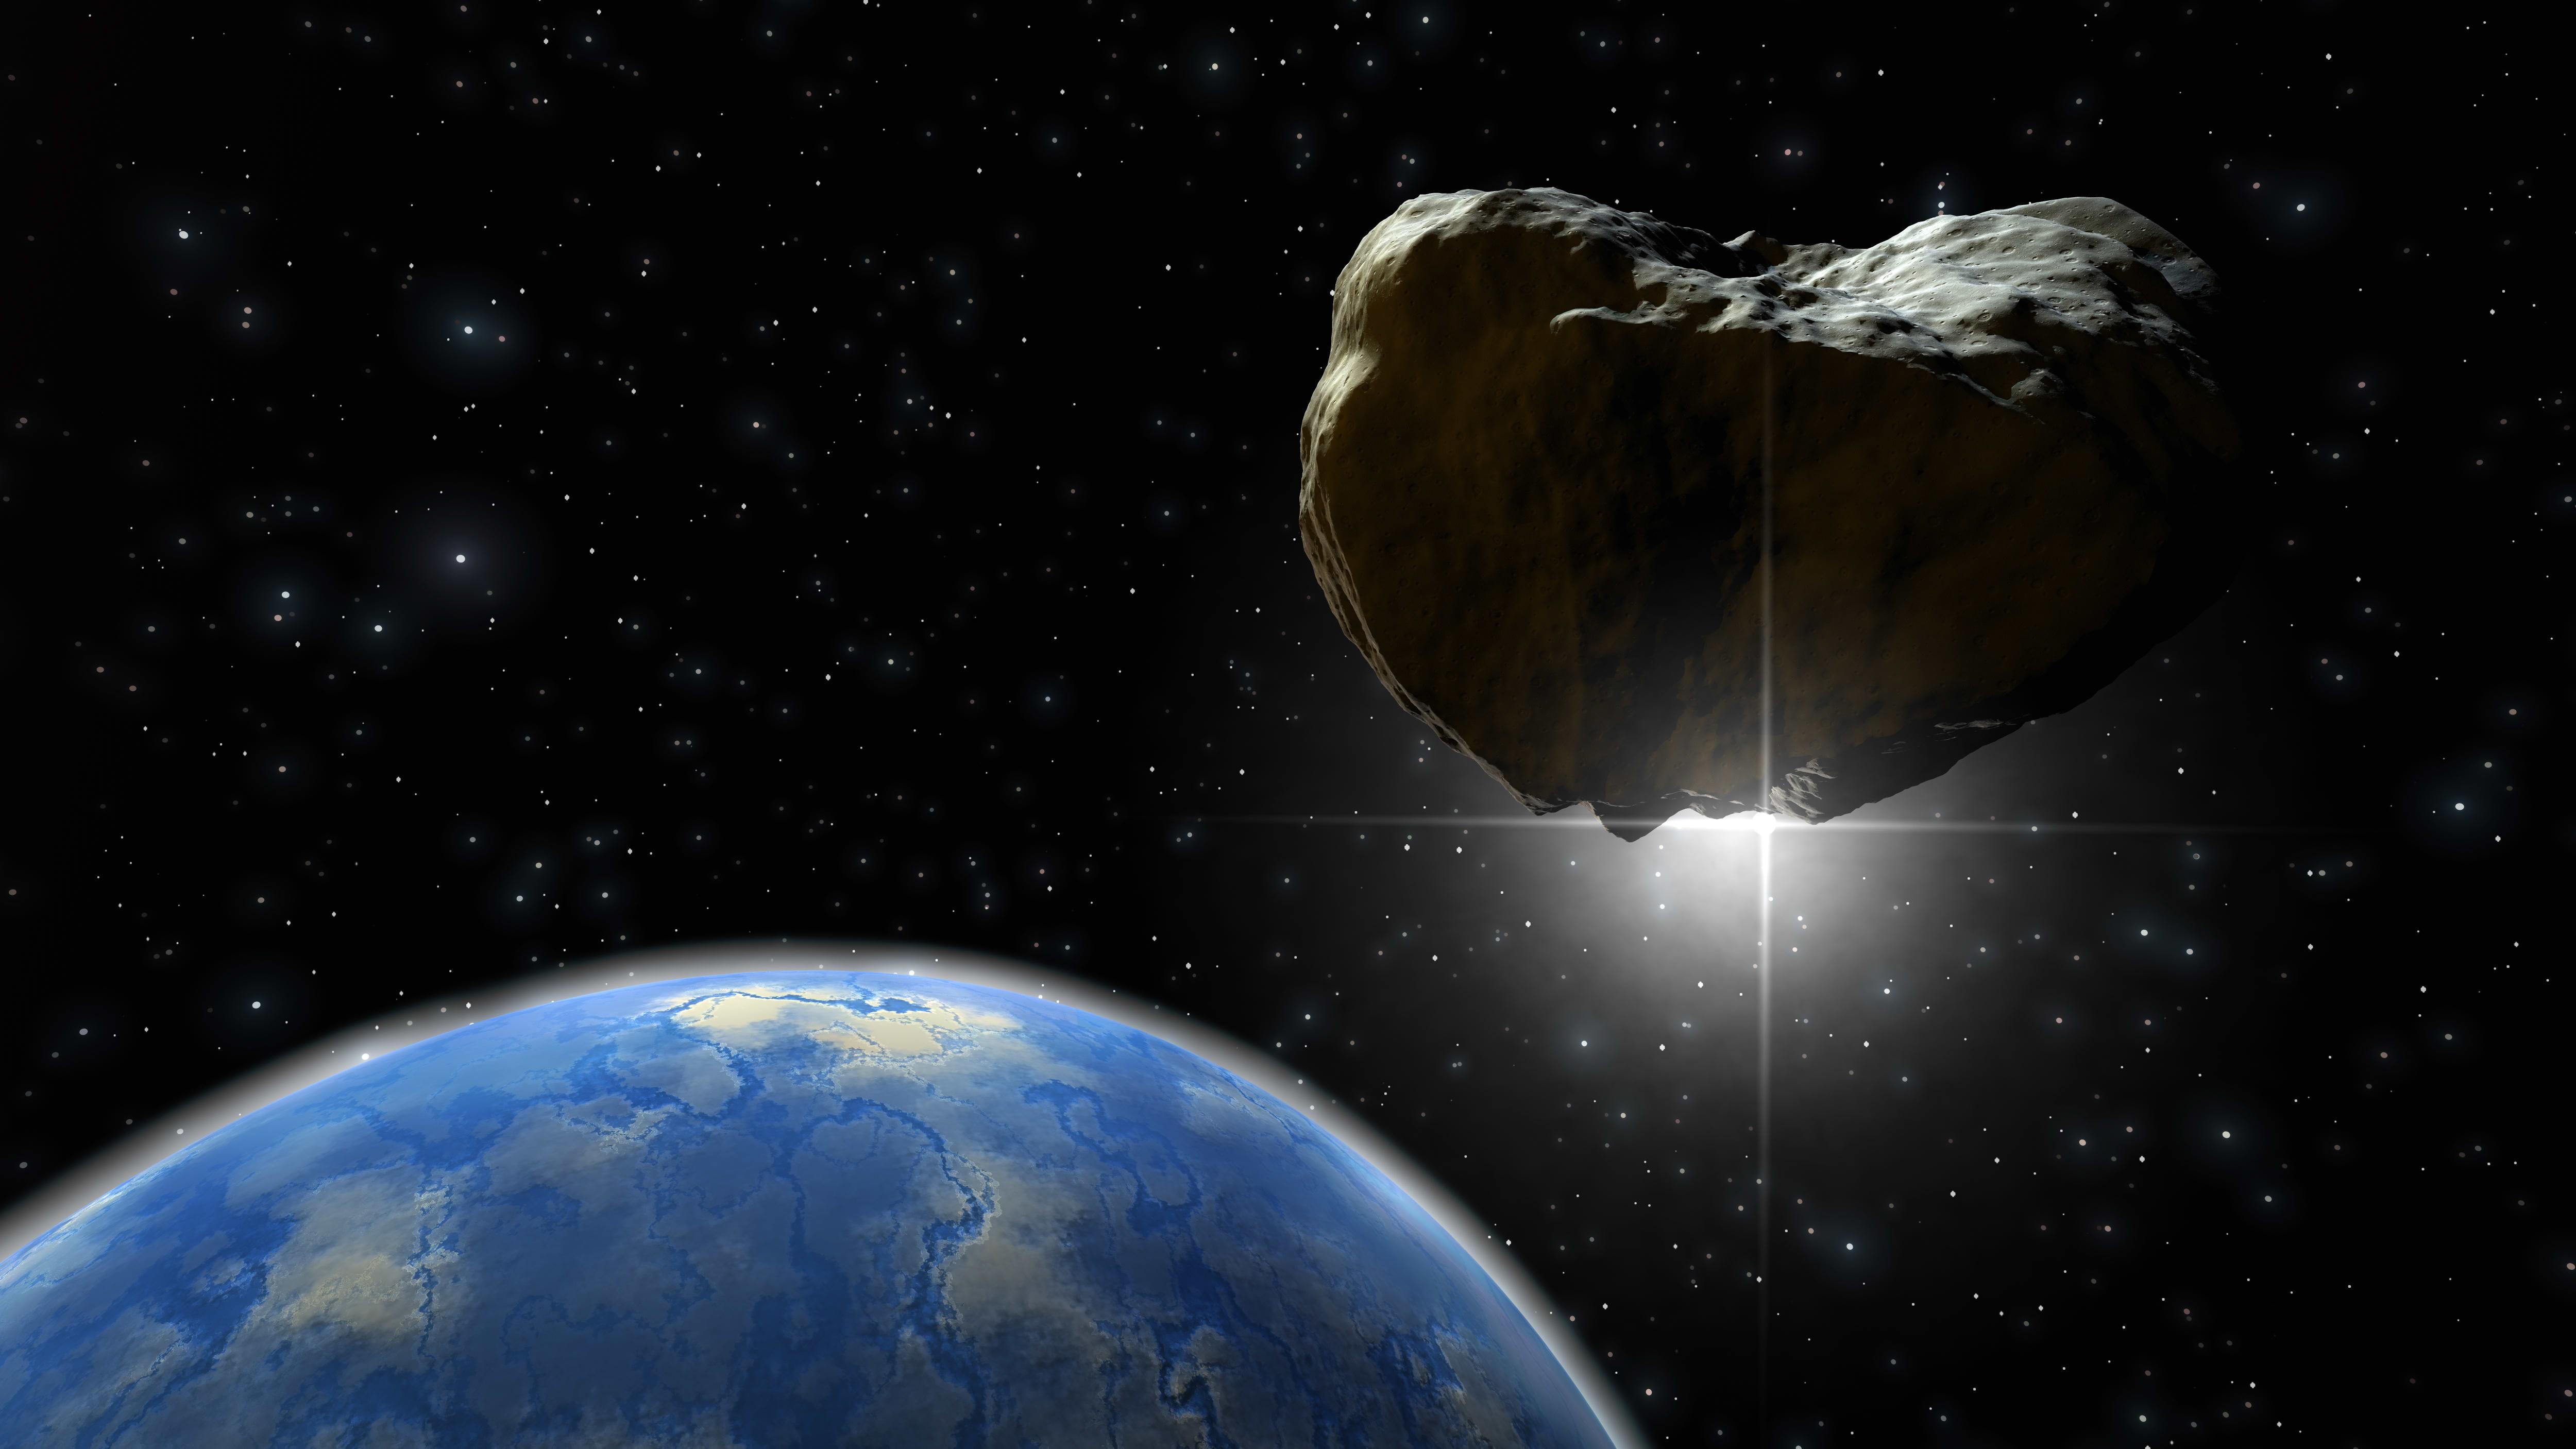 Asteroidi lähestyy maapalloa. Taiteilijan näkemys.